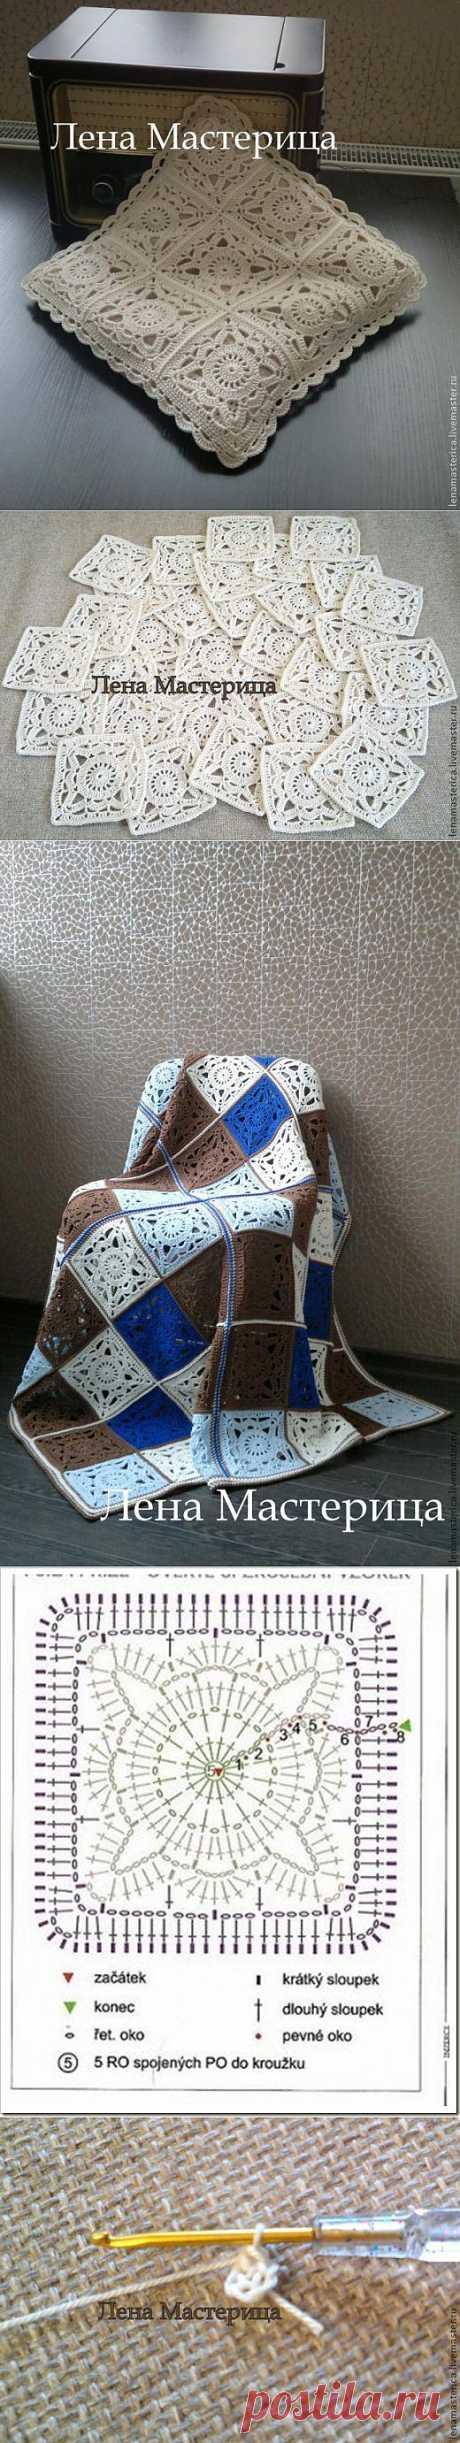 """Квадратный мотив """"Кружевной"""" - Ярмарка Мастеров - ручная работа, handmade"""